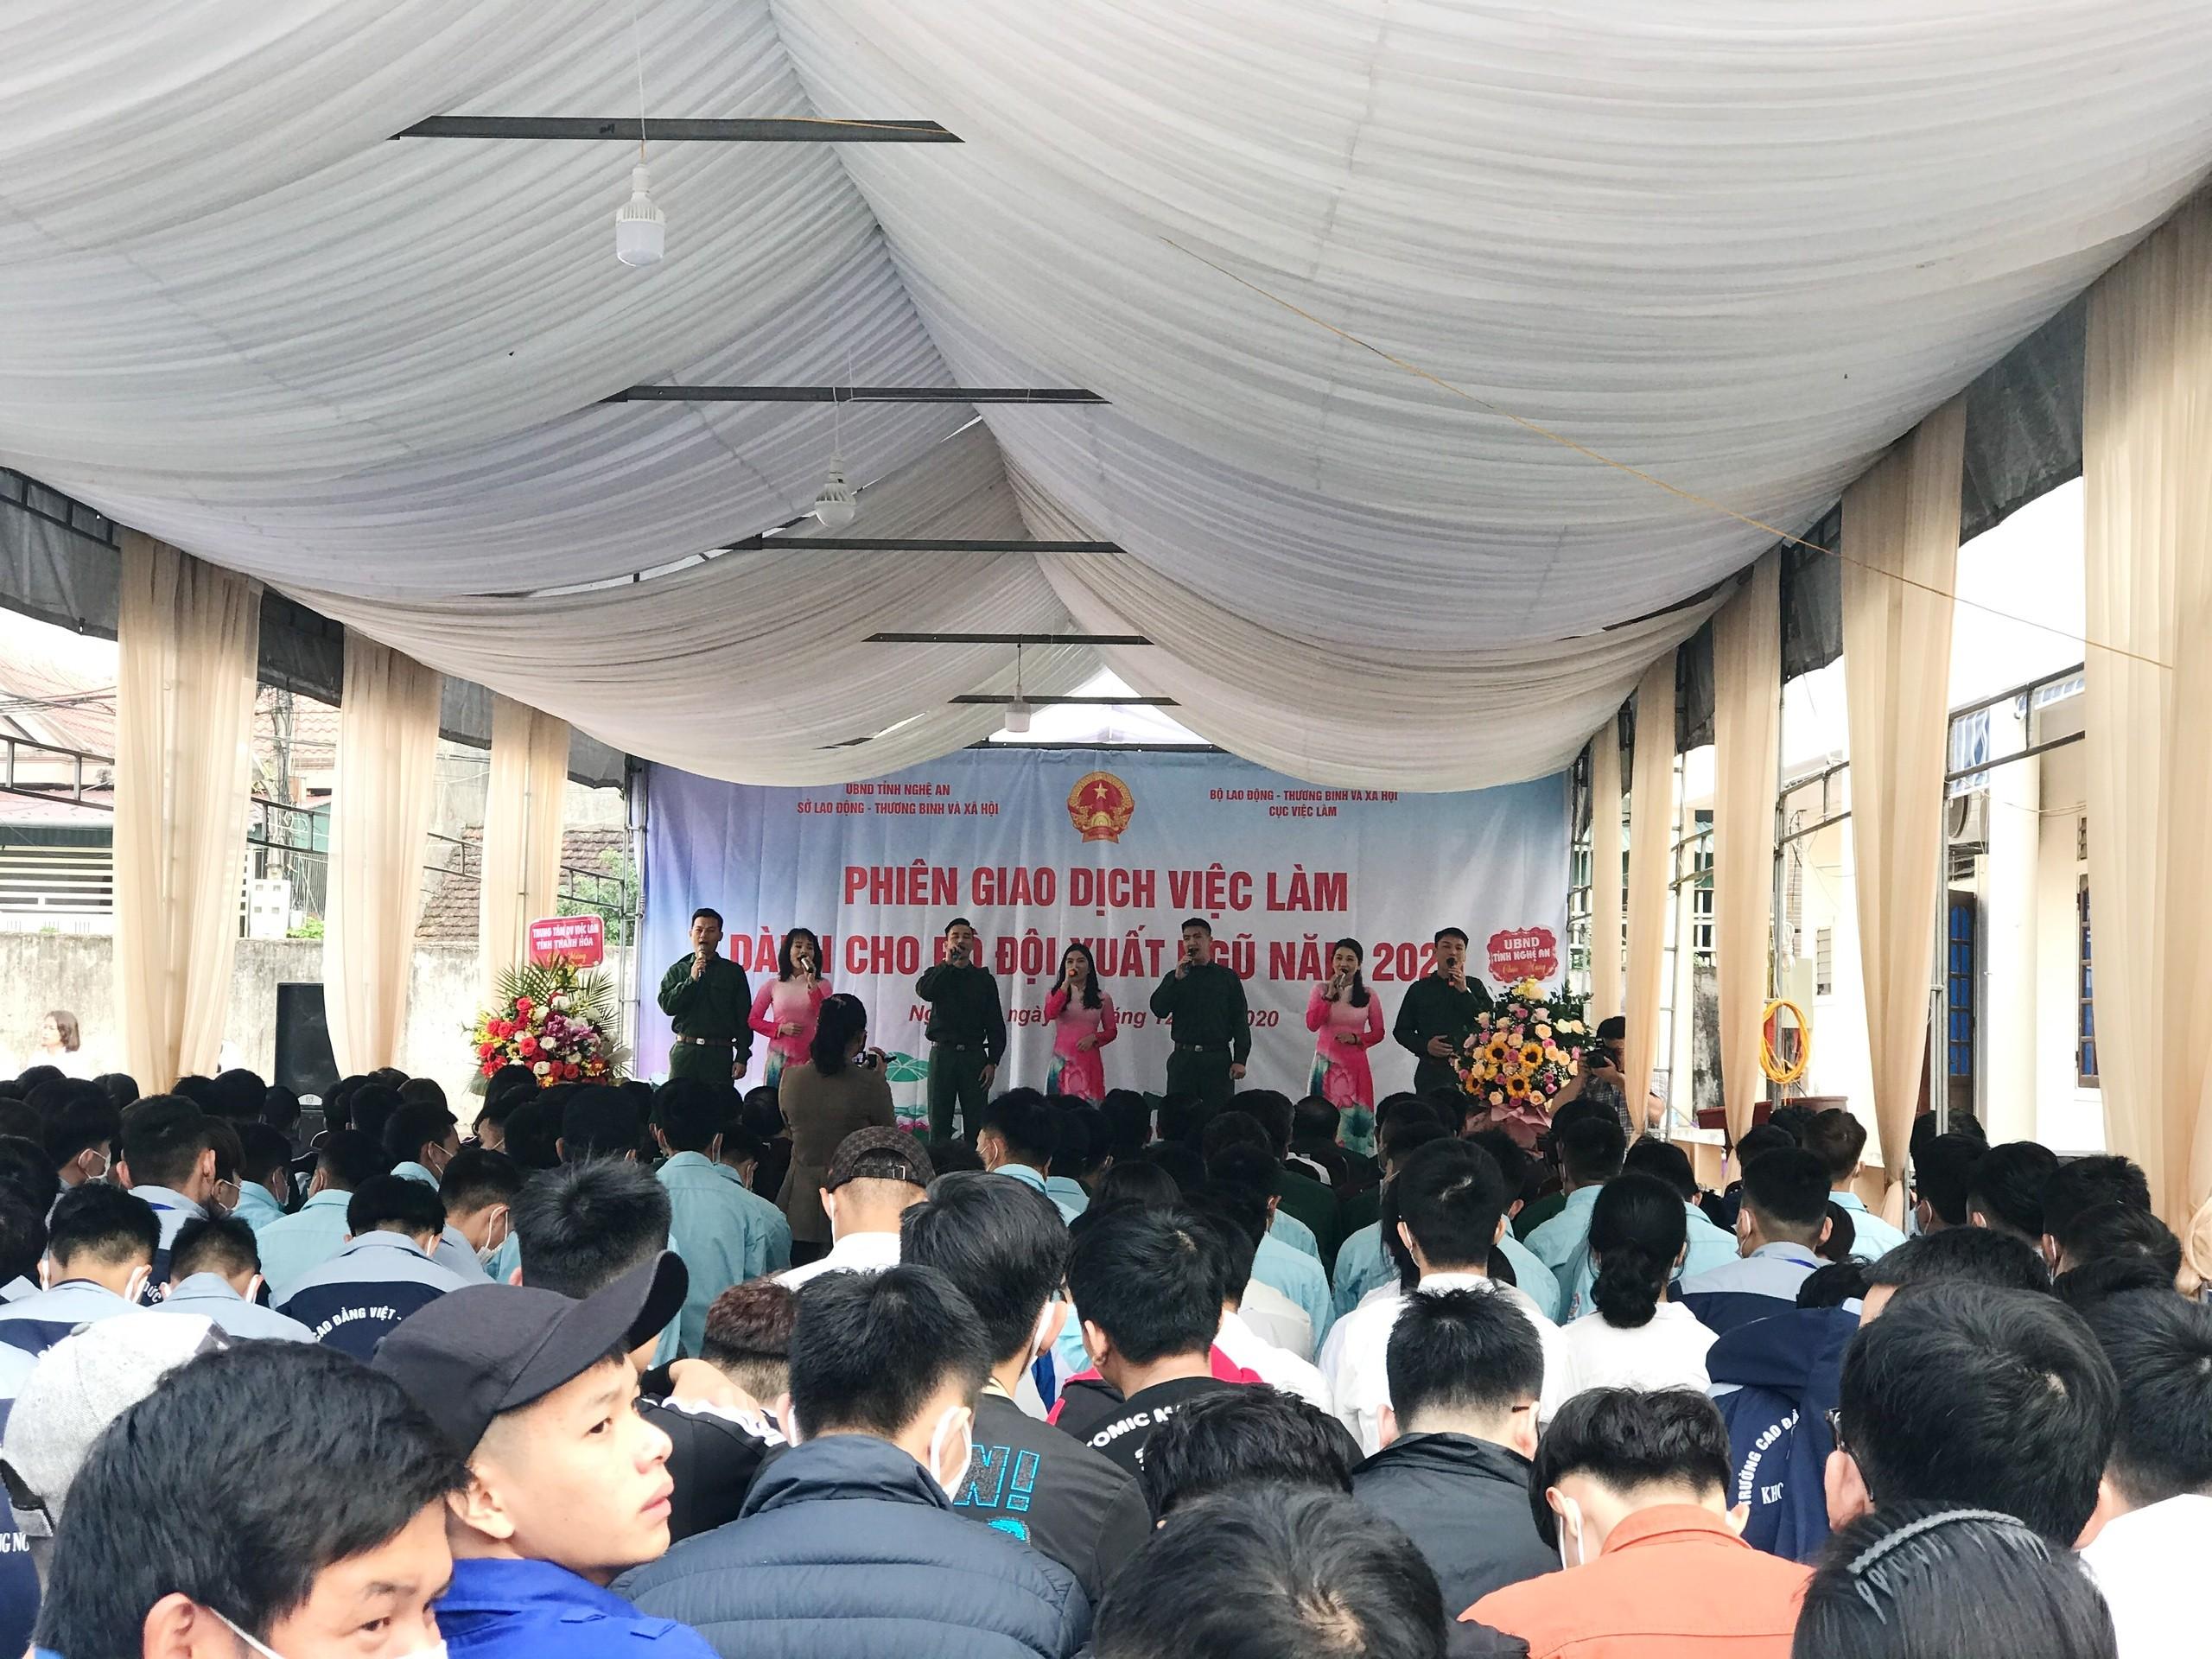 THơn 1.000 chiến sỹ và người lao động tiếp cận được thông tin nhu cầu việc làm hàng không tại Phiên GDVL tỉnh Nghệ An